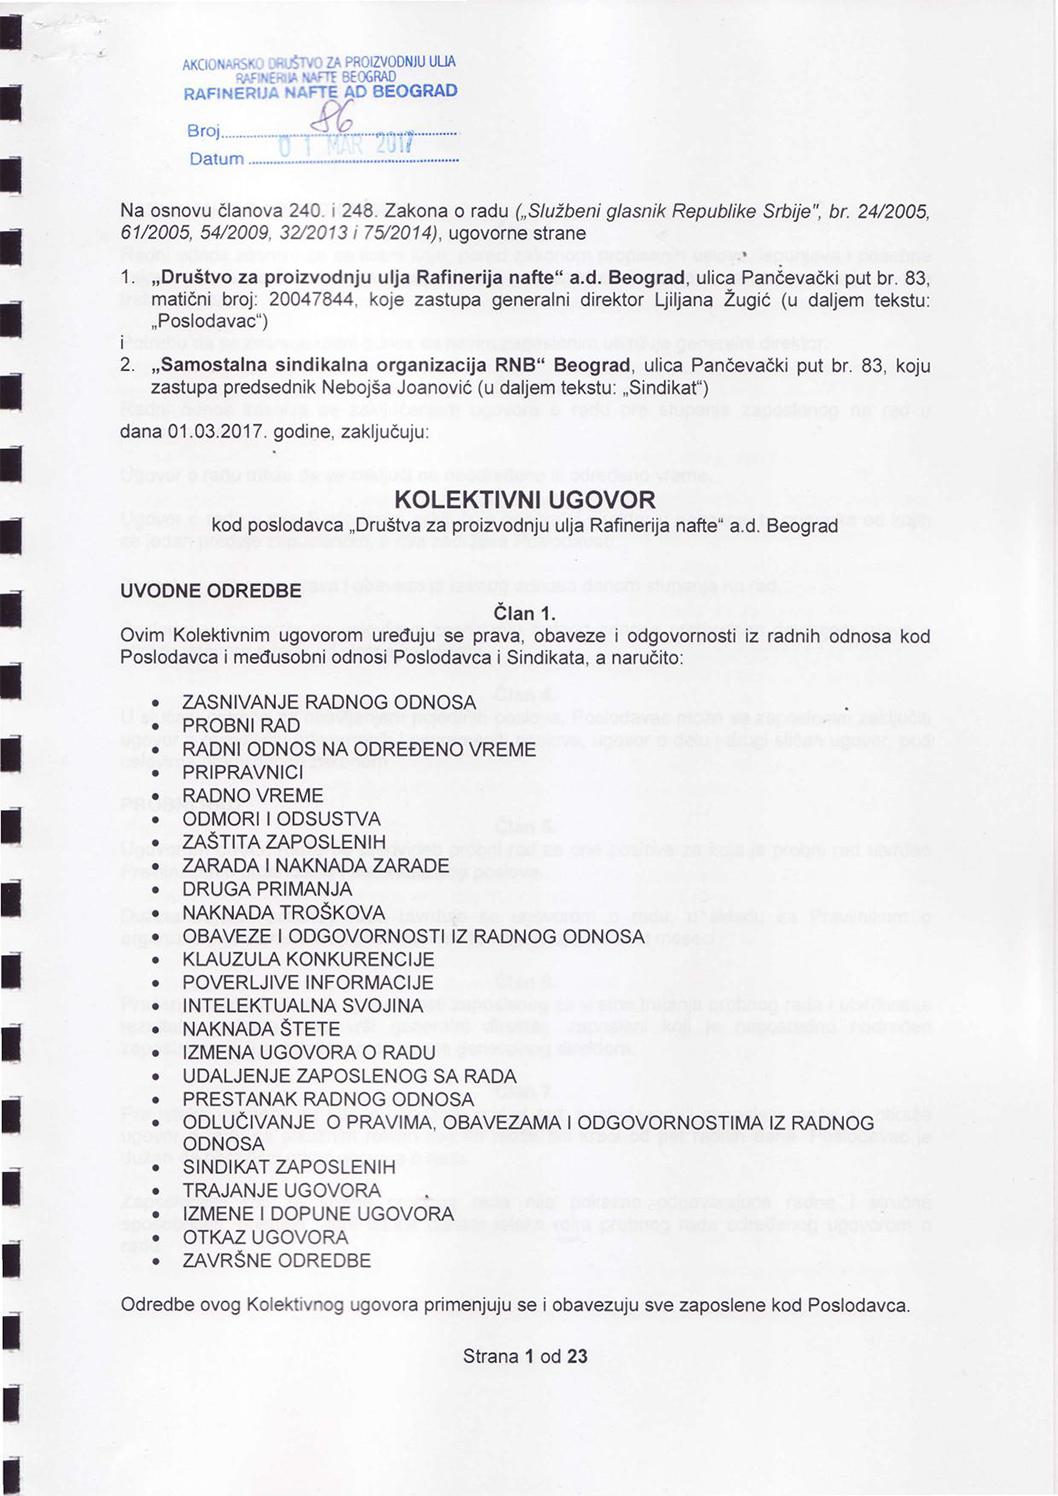 Kolektivni ugovor kod poslodavca Društva za proizvodnju ulja Rafinerija nafte a.d. Beograd